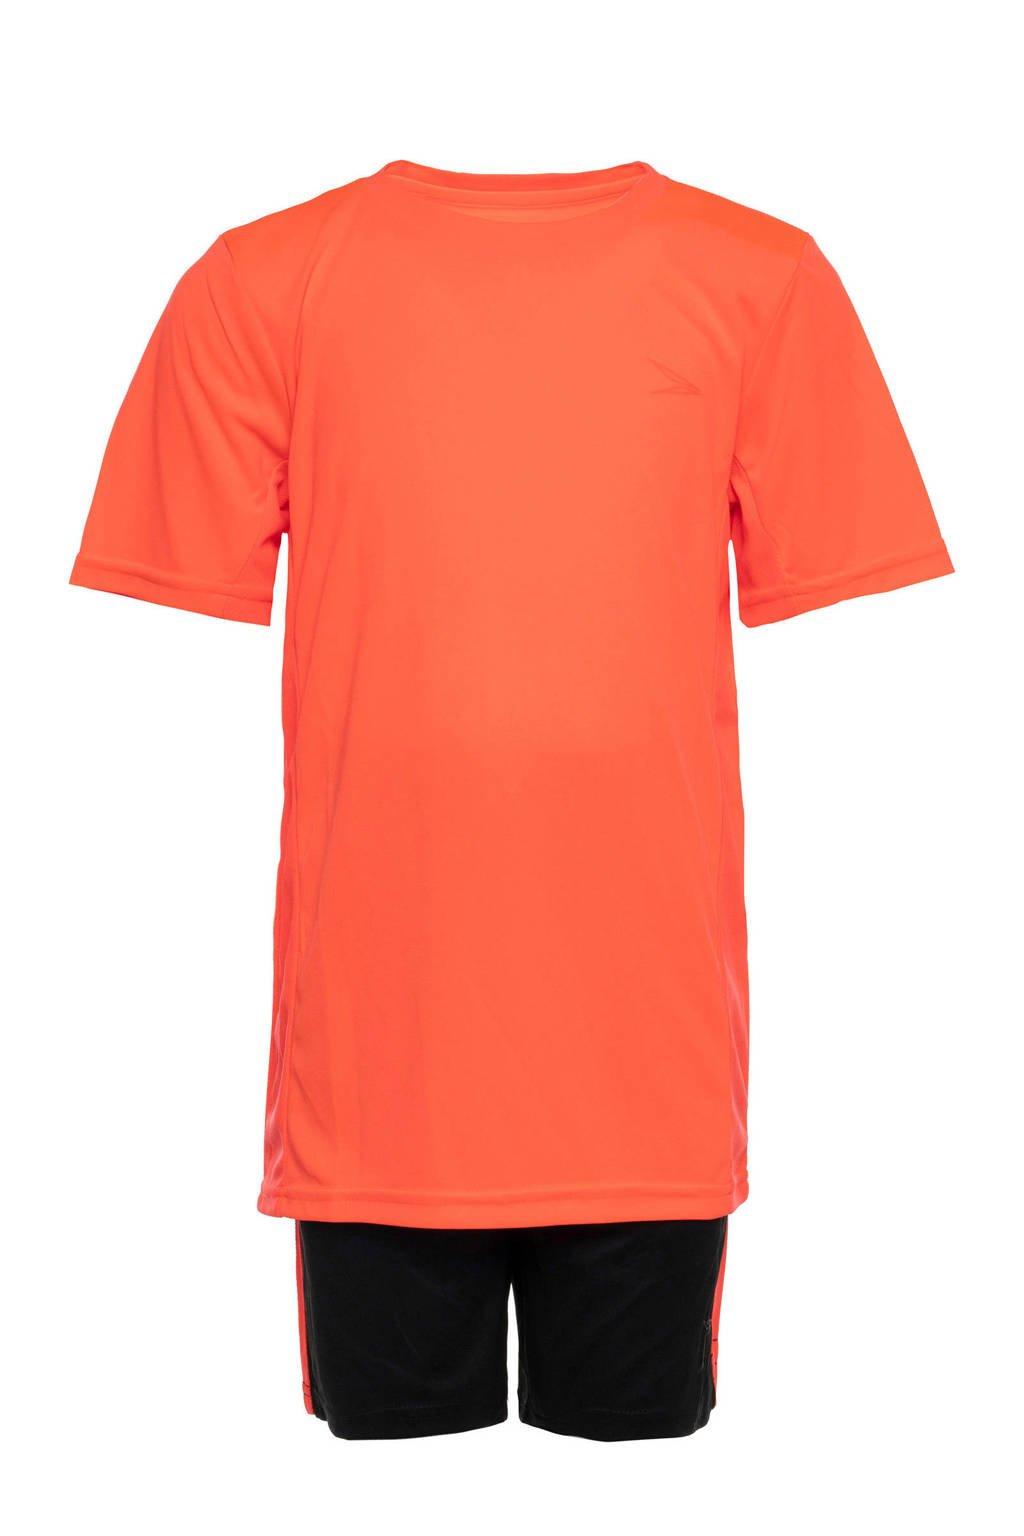 Scapino Dutchy   sportset oranje/zwart, Oranje/zwart